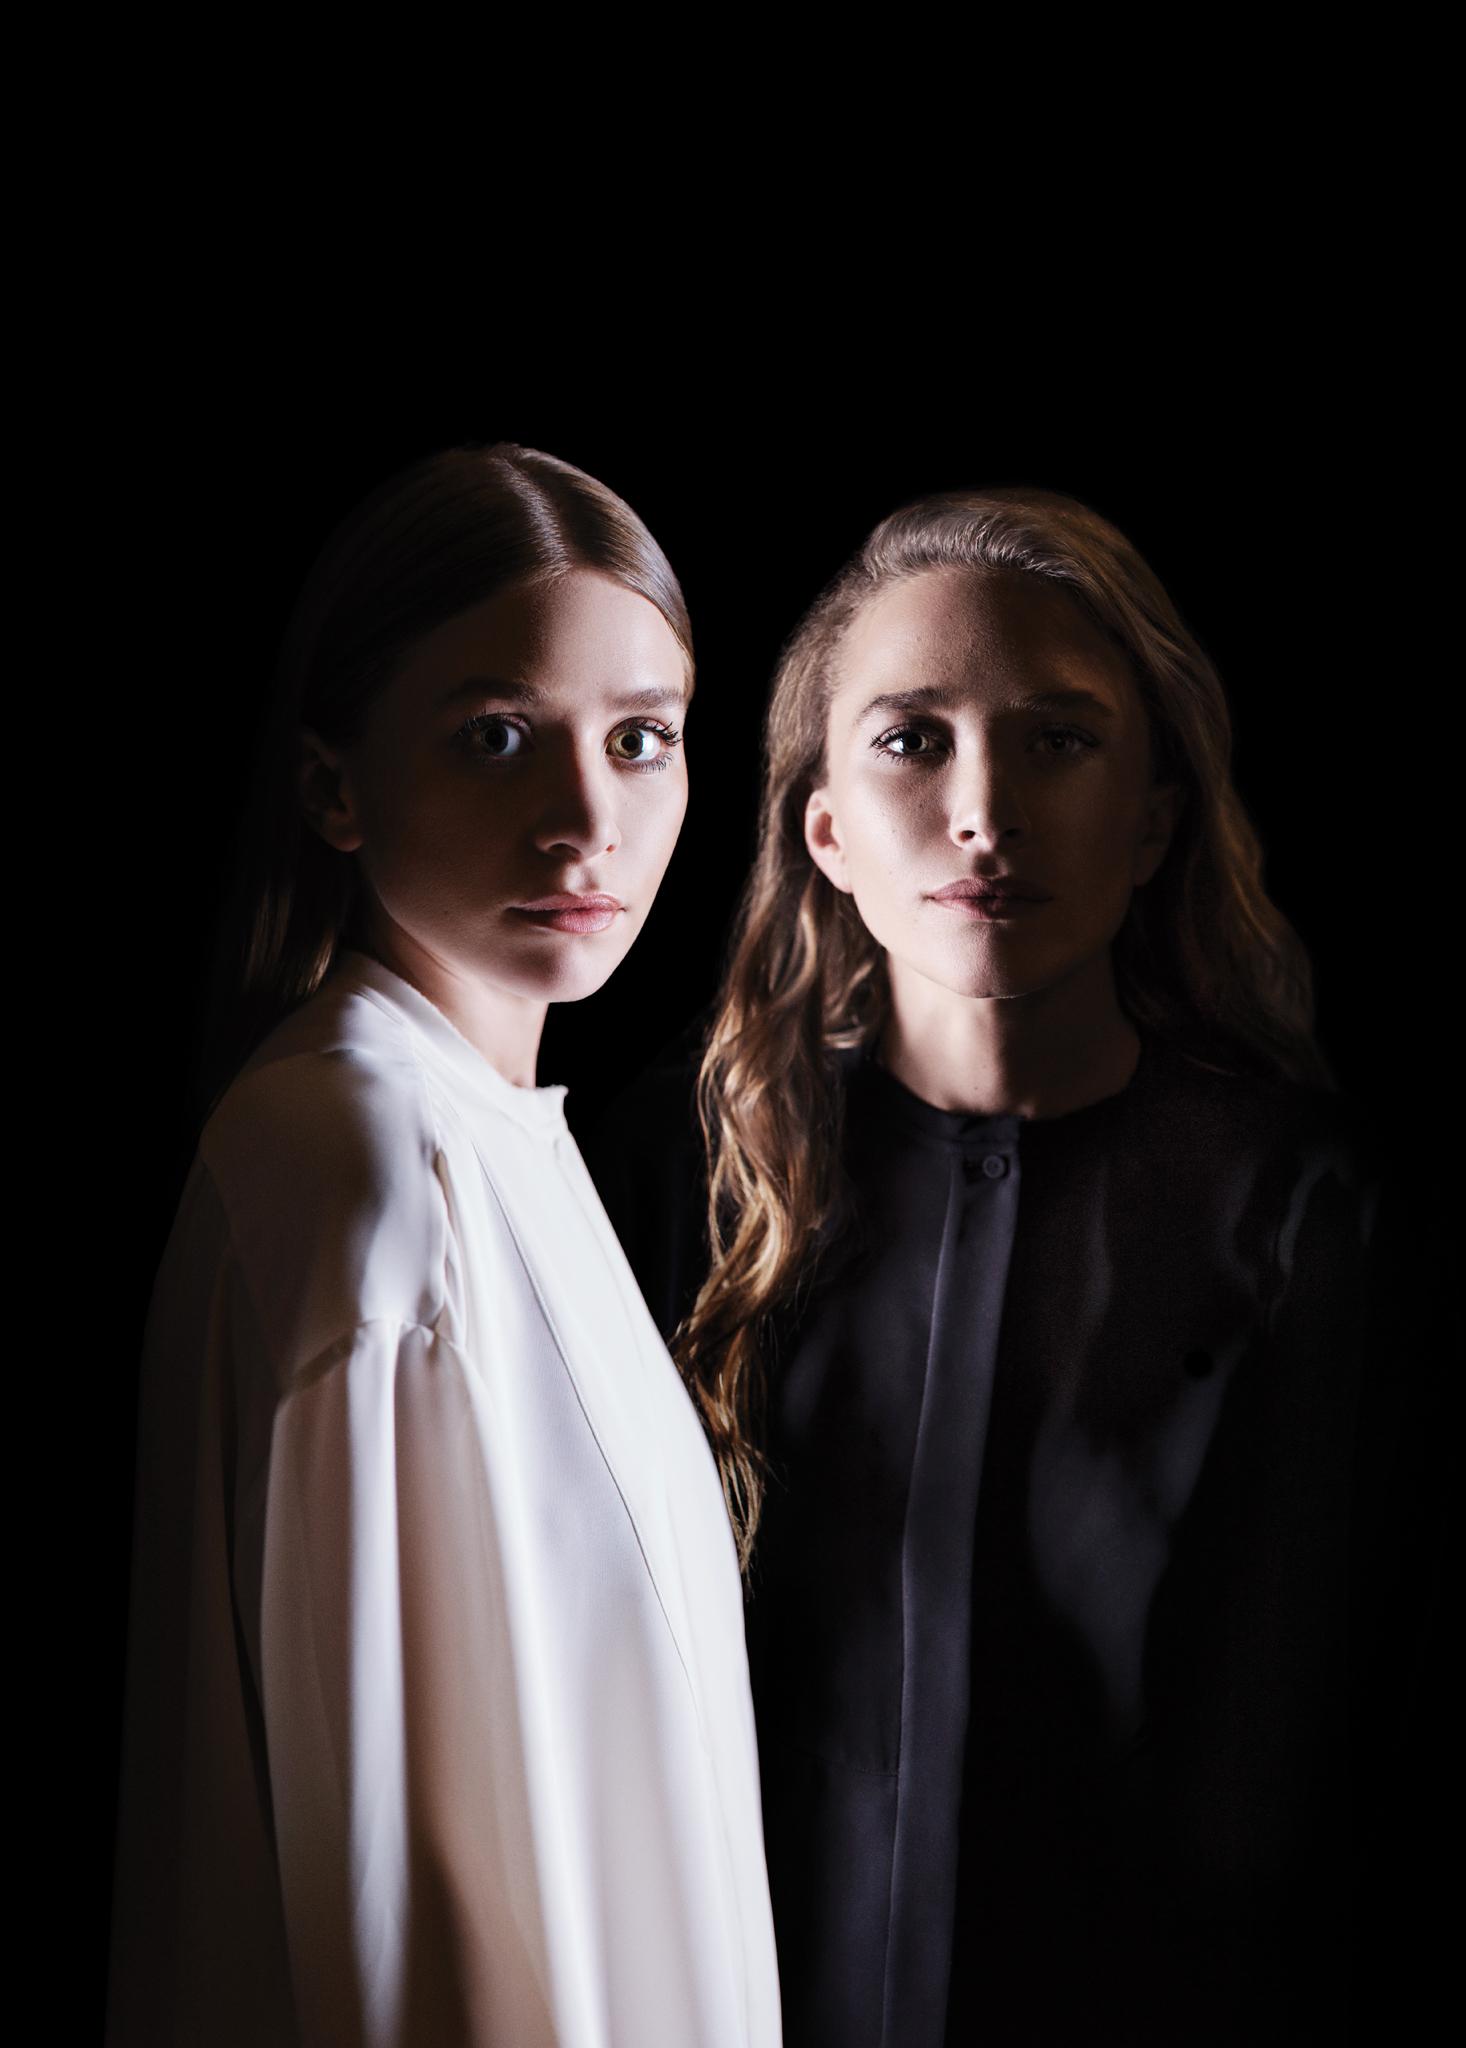 Ashley Olsen and Mary-Kate Olsen for WWD